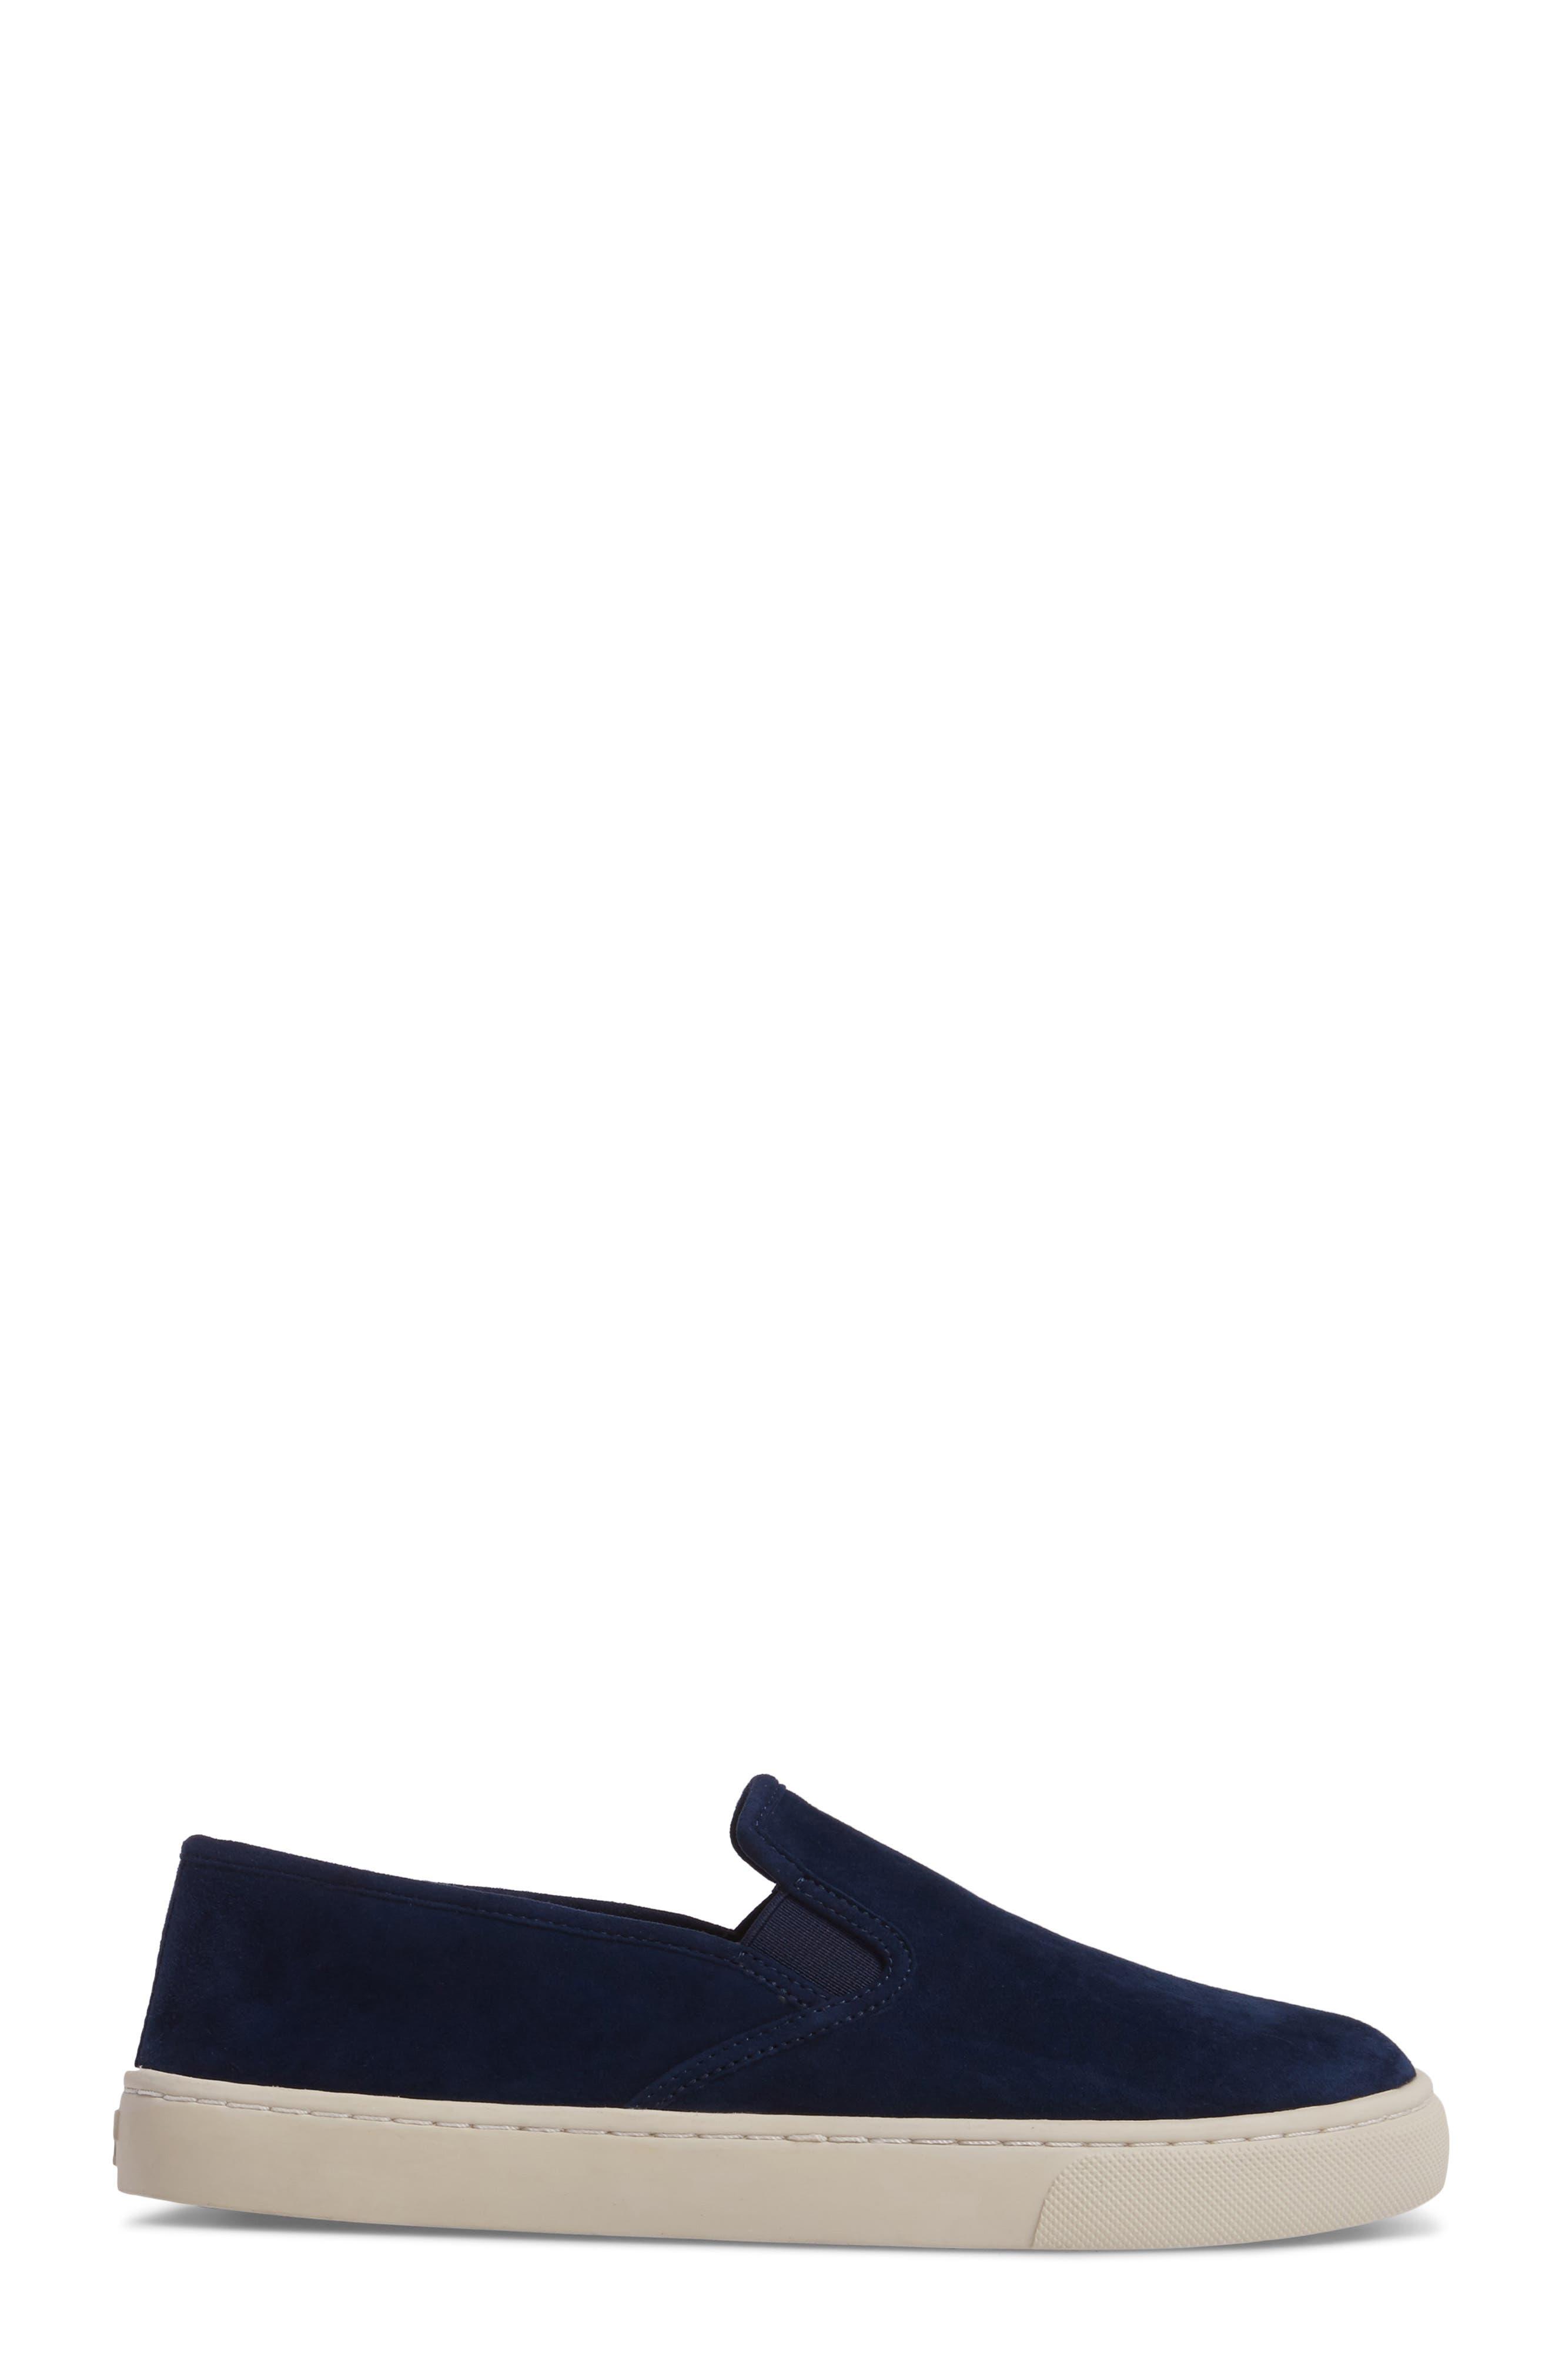 Max Slip-On Sneaker,                             Alternate thumbnail 16, color,